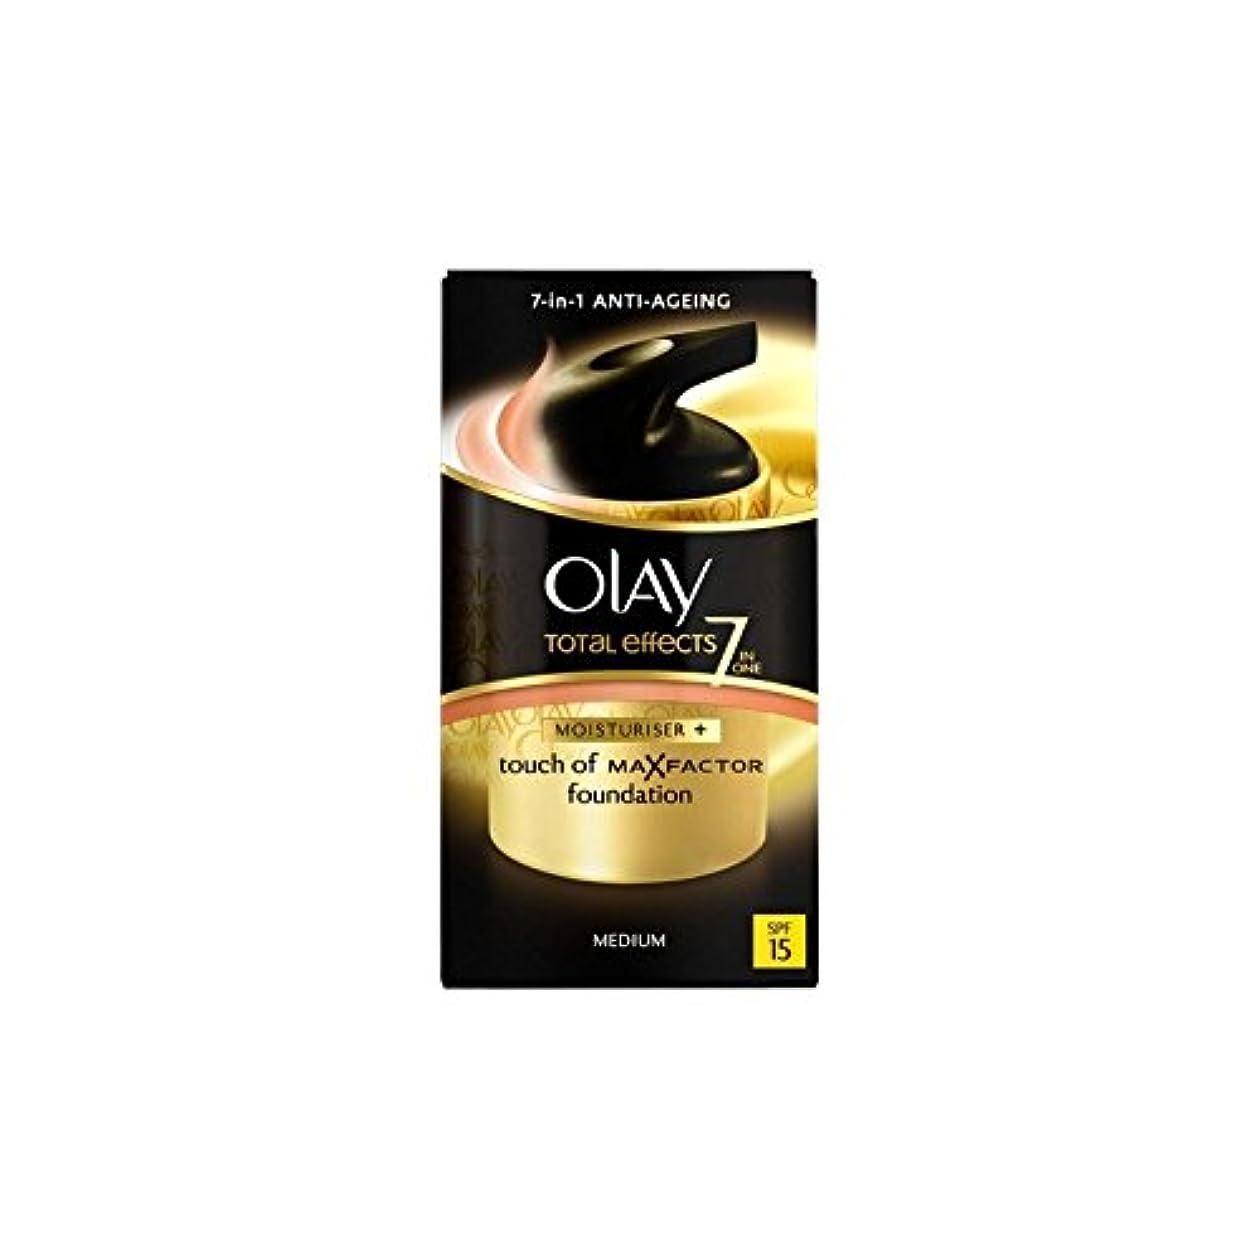 提出する支援鉄オーレイトータルエフェクト保湿クリーム15 - 培地(50ミリリットル) x2 - Olay Total Effects Moisturiser Bb Cream Spf15 - Medium (50ml) (Pack...